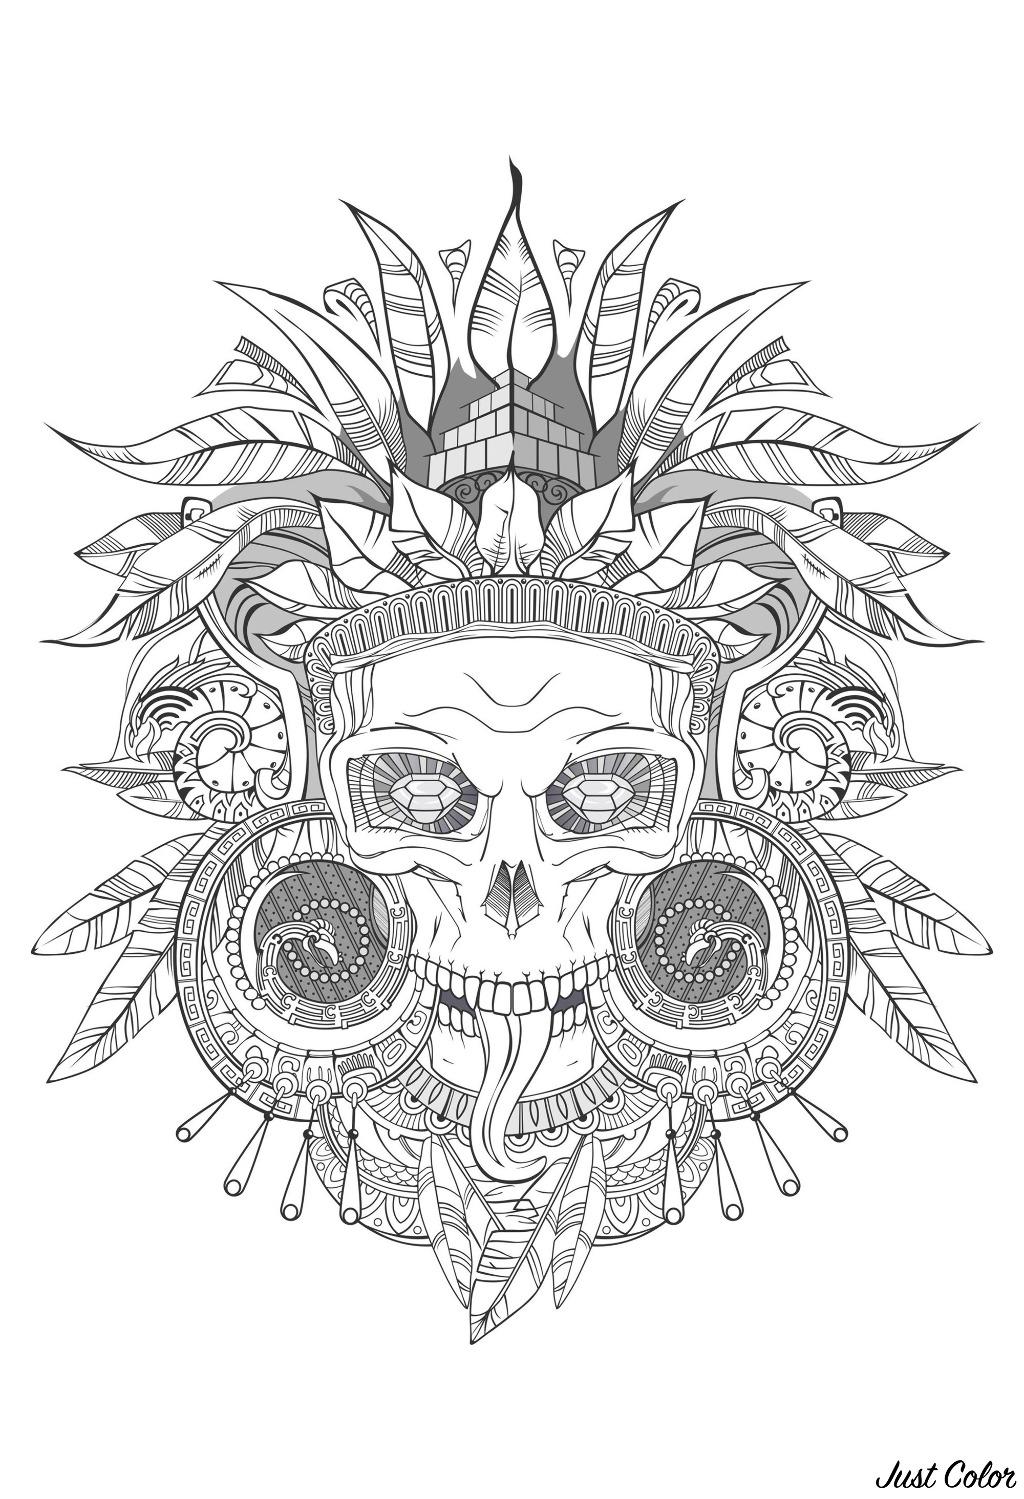 Colorear para adultos  : Mayas, Aztecas e Incas - 2